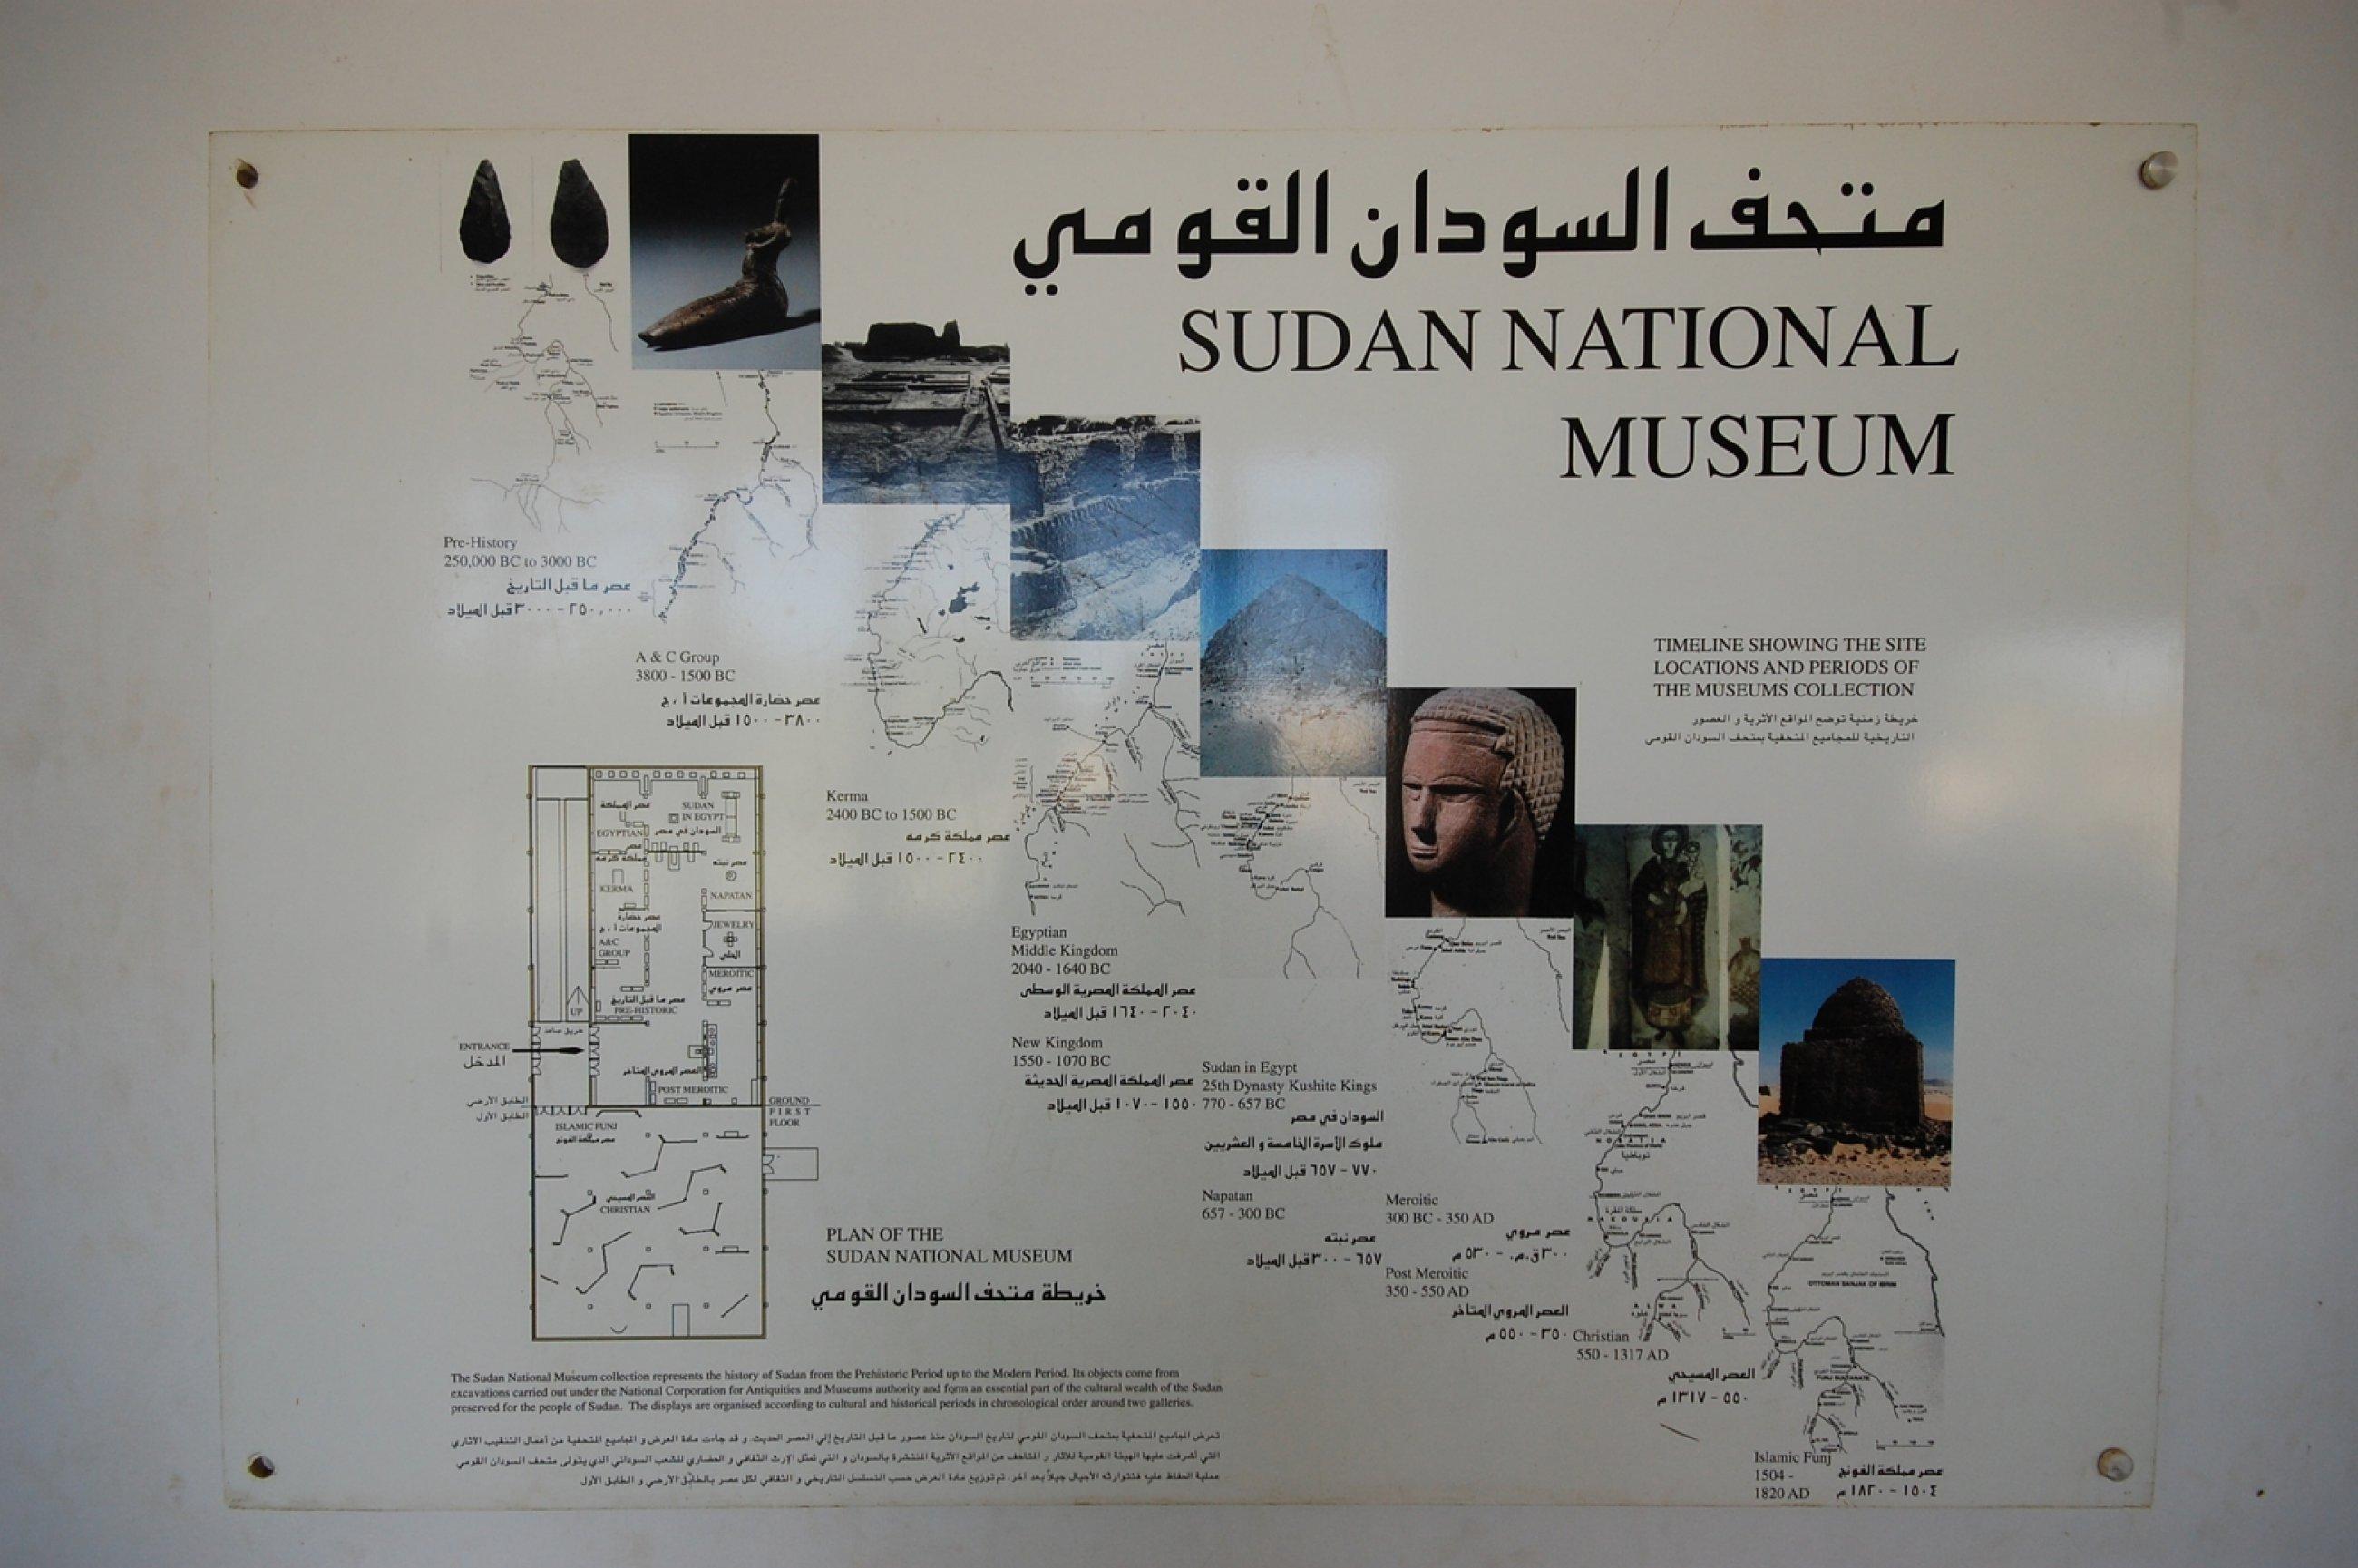 https://bubo.sk/uploads/galleries/4991/sudan-14-.jpg